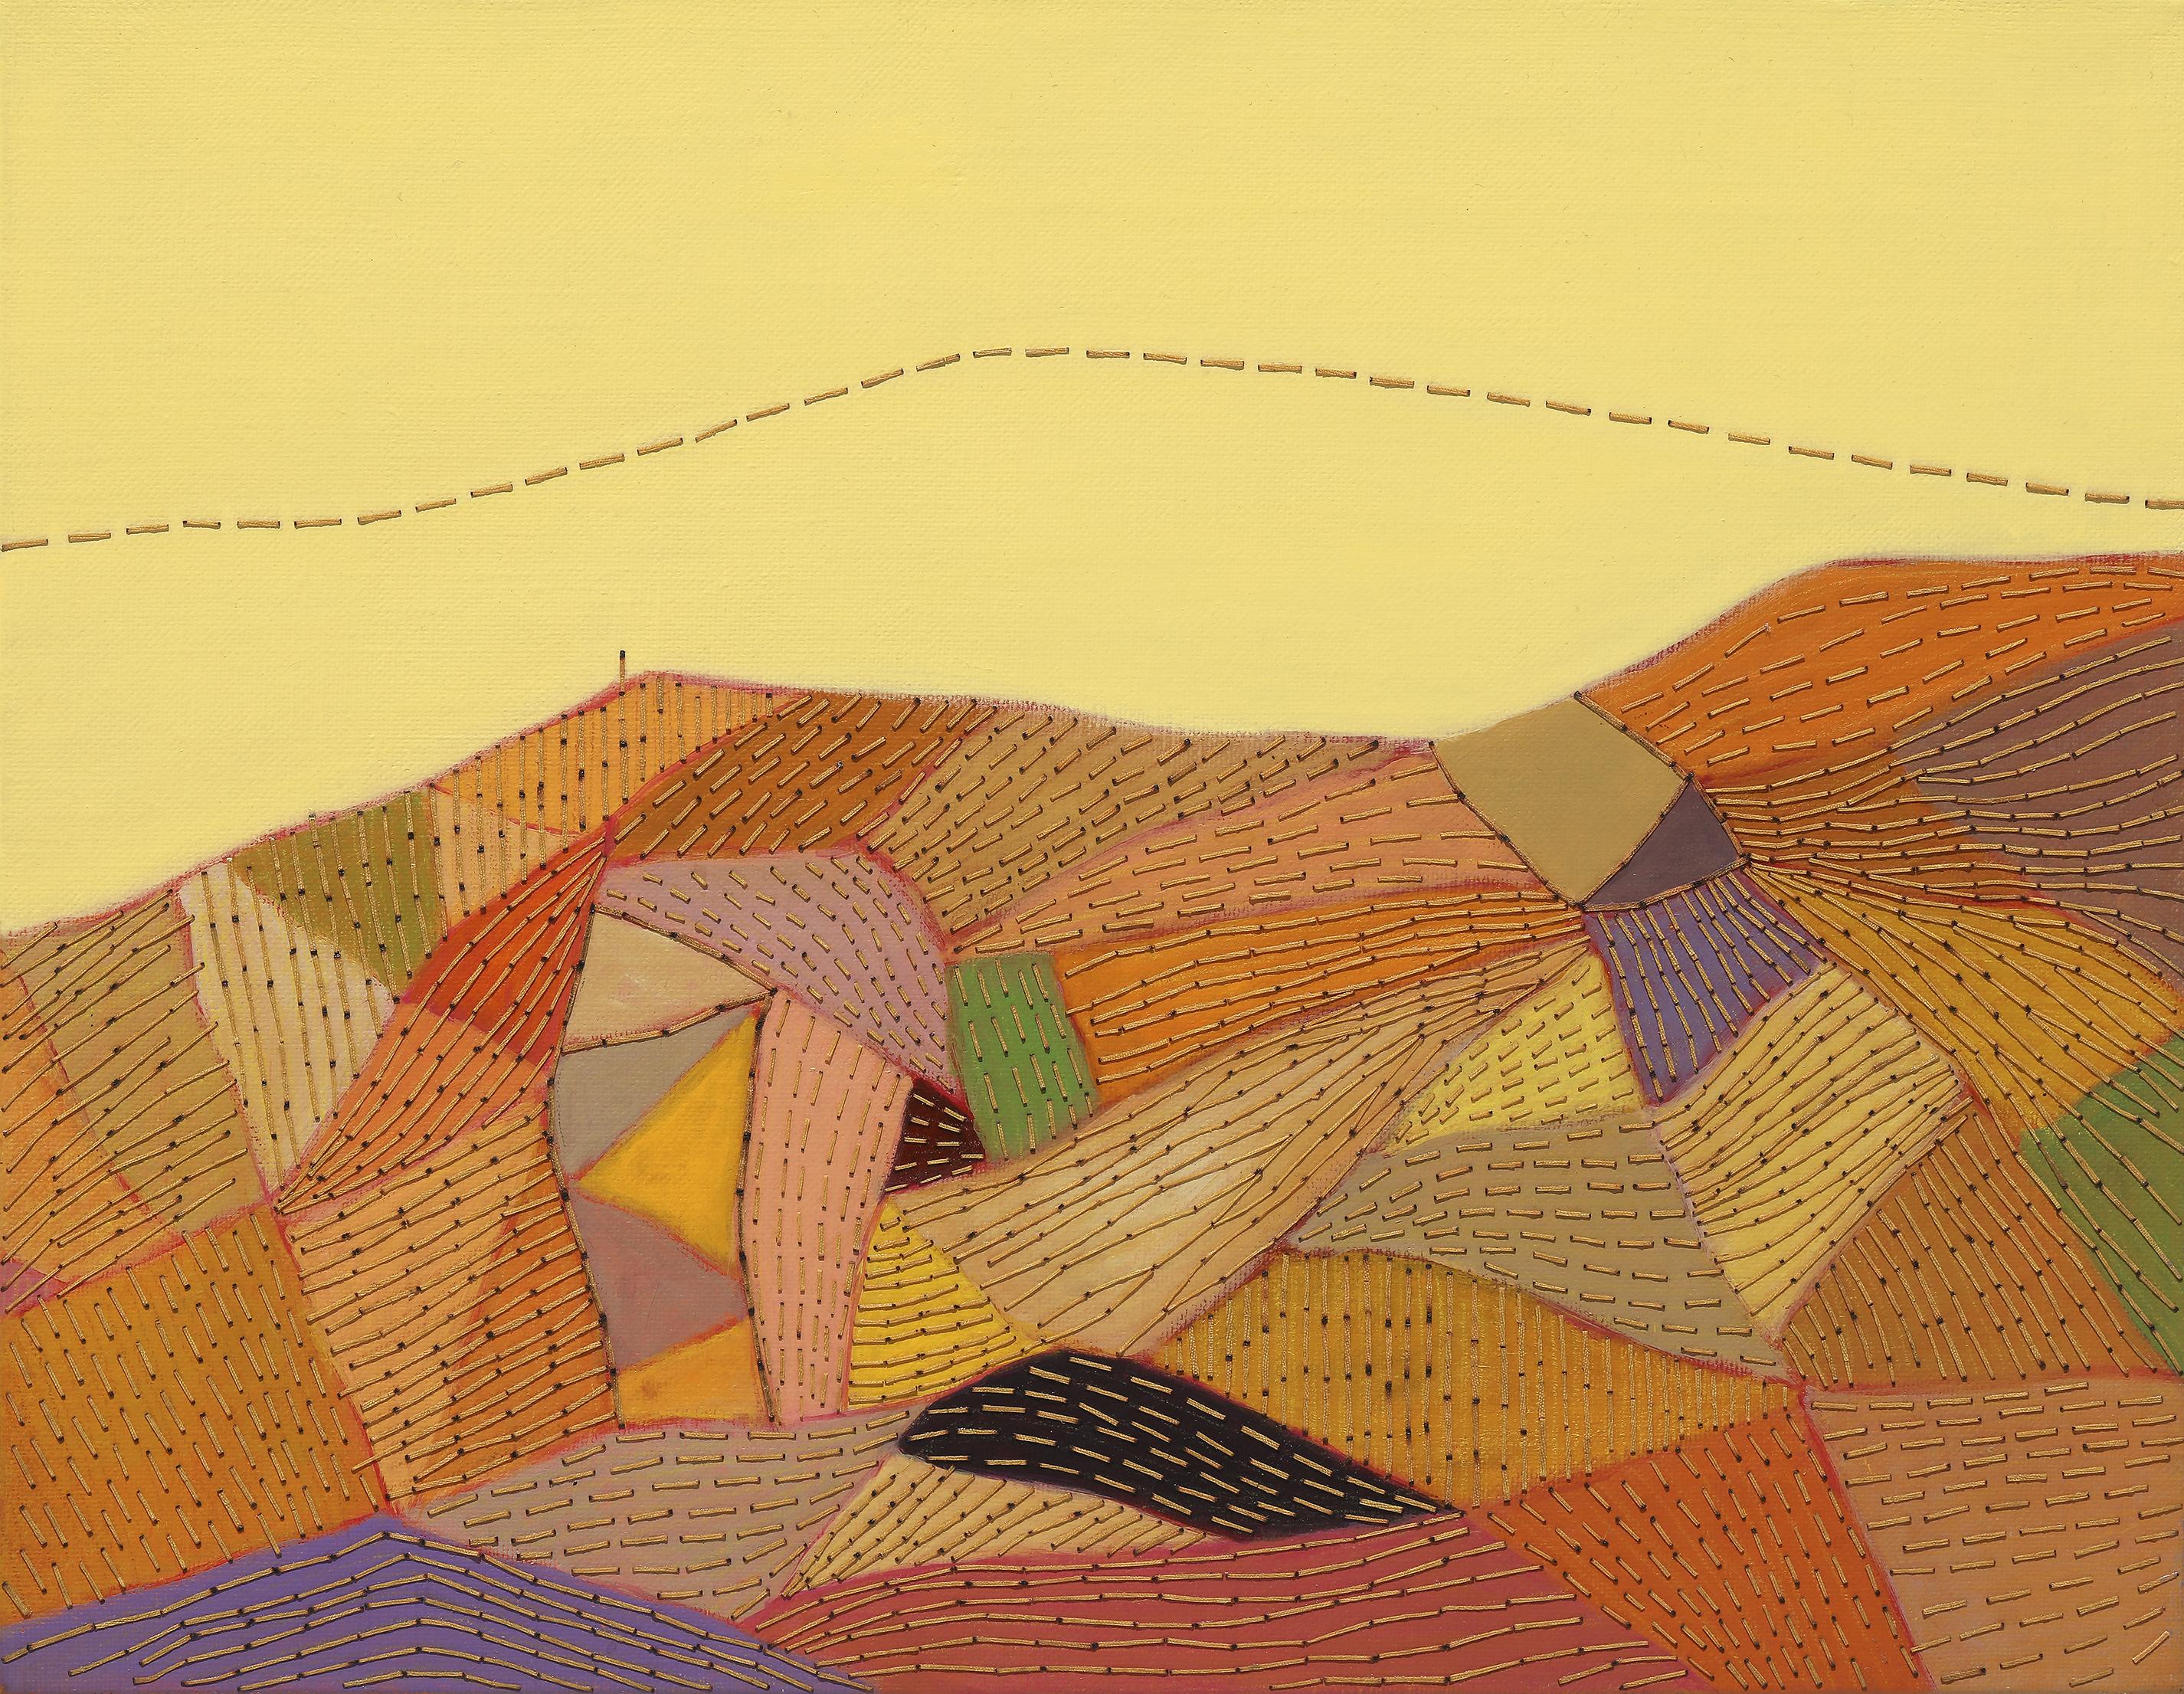 최윤희4, Mind map 12-34, 32 x 41 cm, Mixed